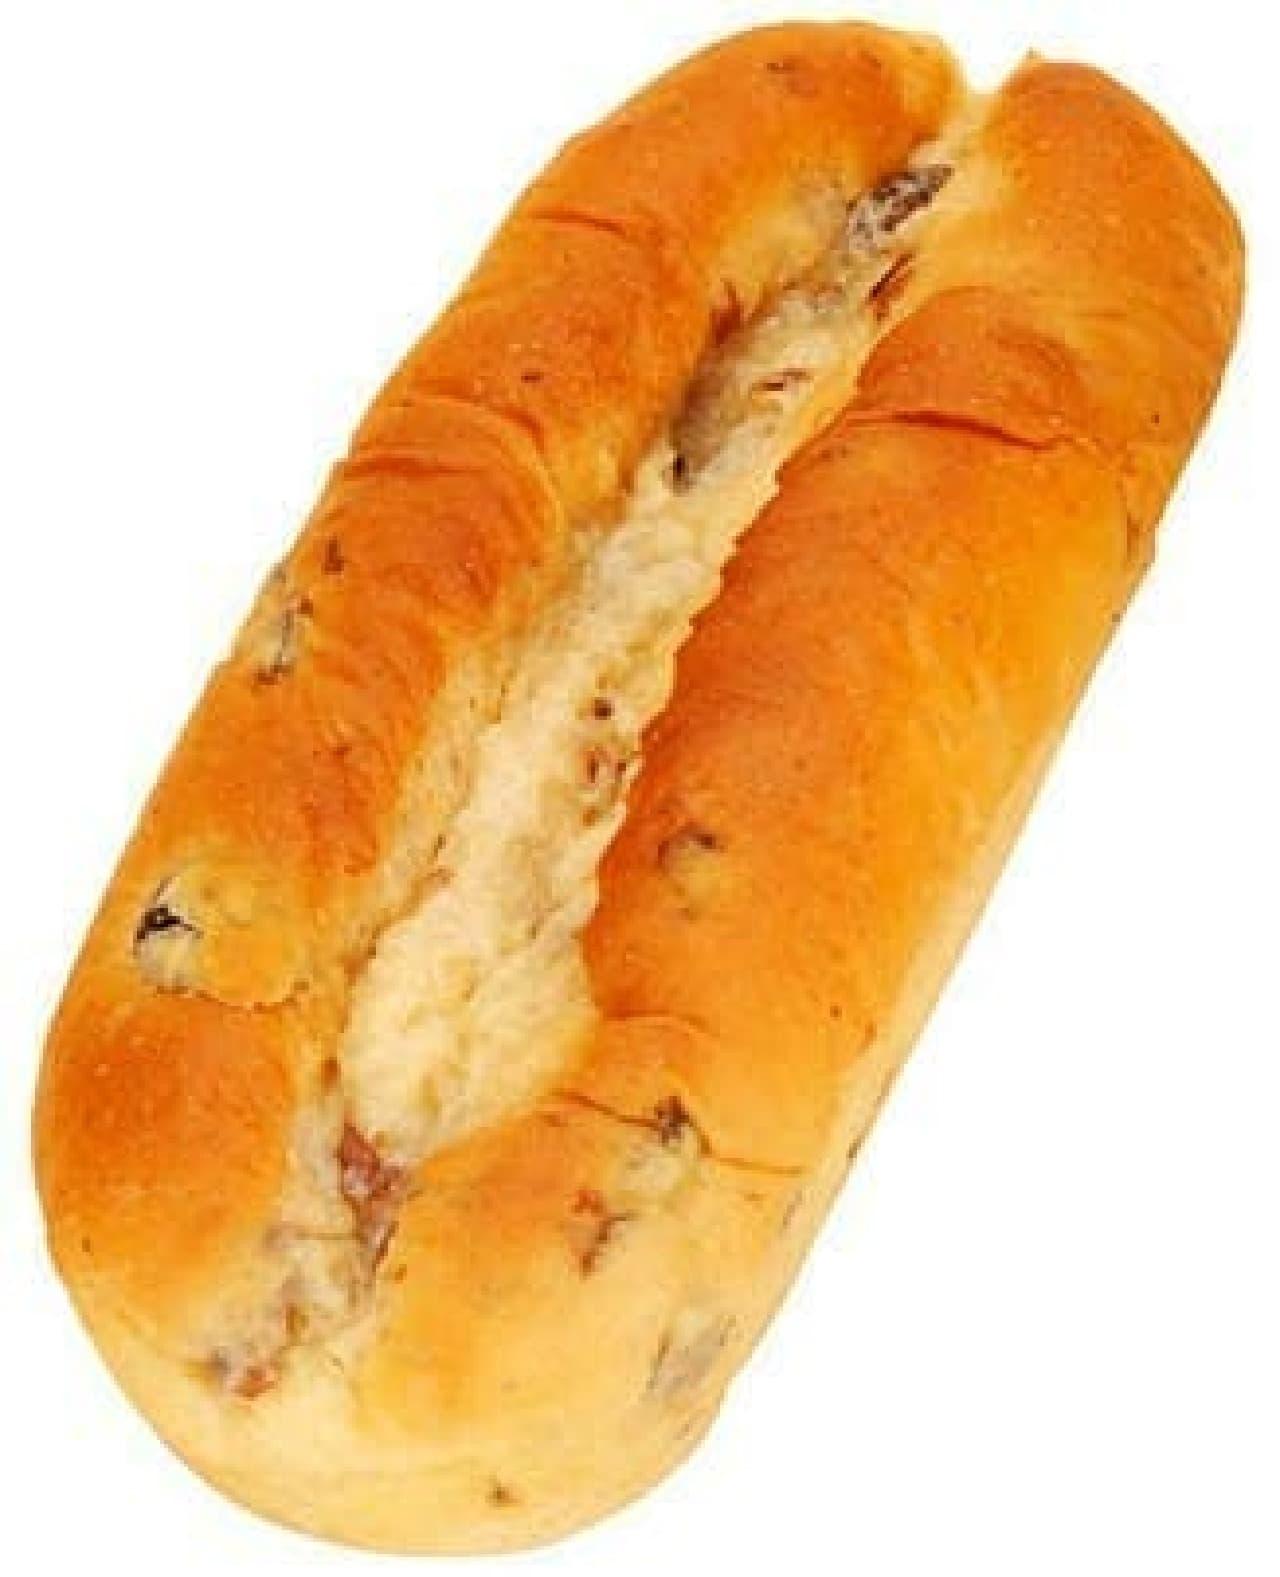 ファミリーマート「たっぷりレーズンパン」